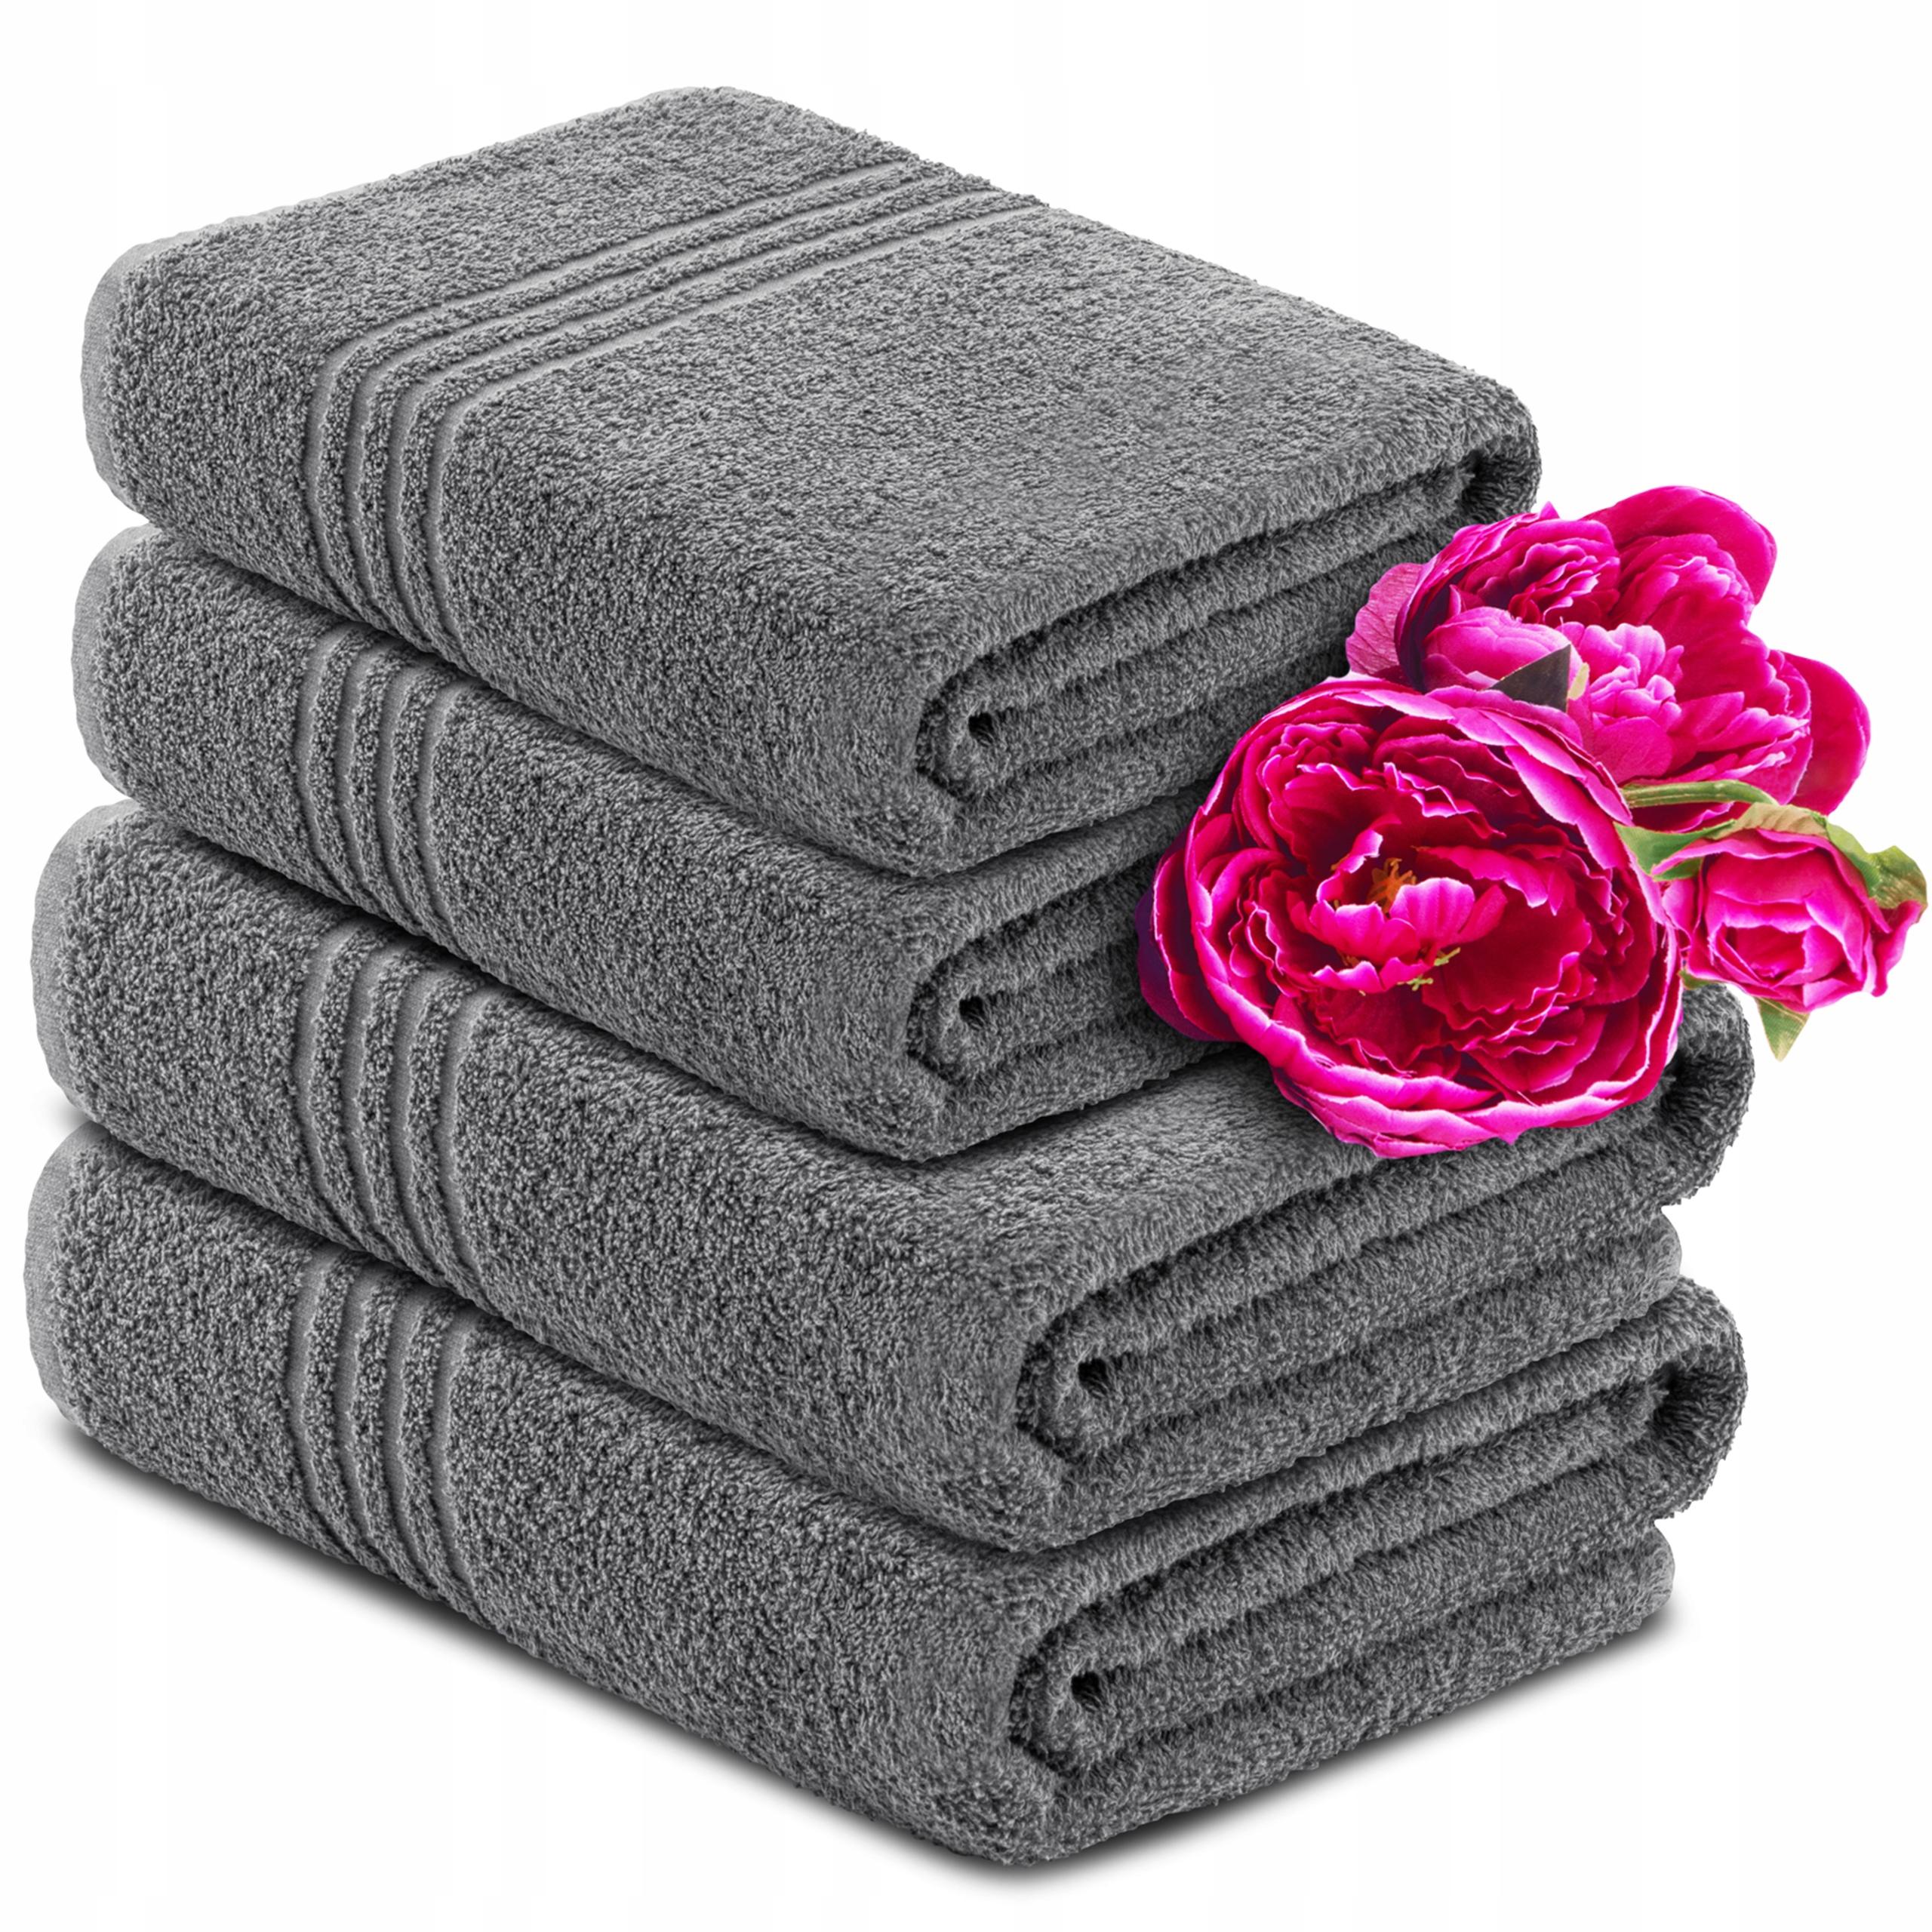 Komplet Ręczników 4szt FROTTE 2X 70x130 + 2X 50x90